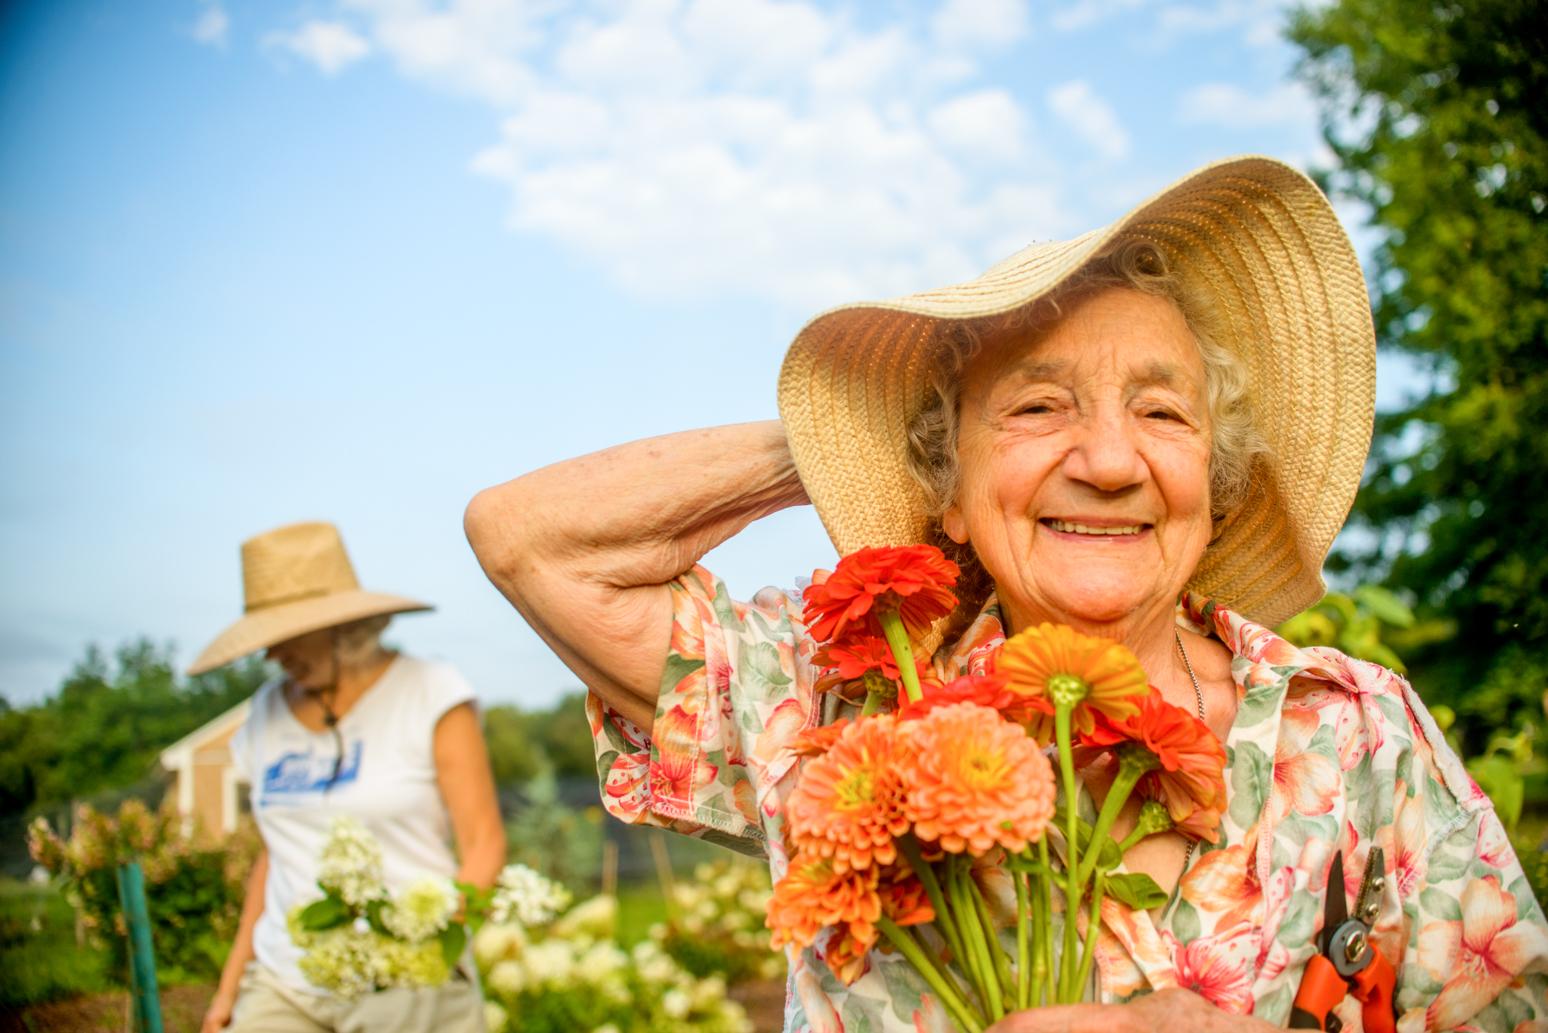 Jardinage d'été